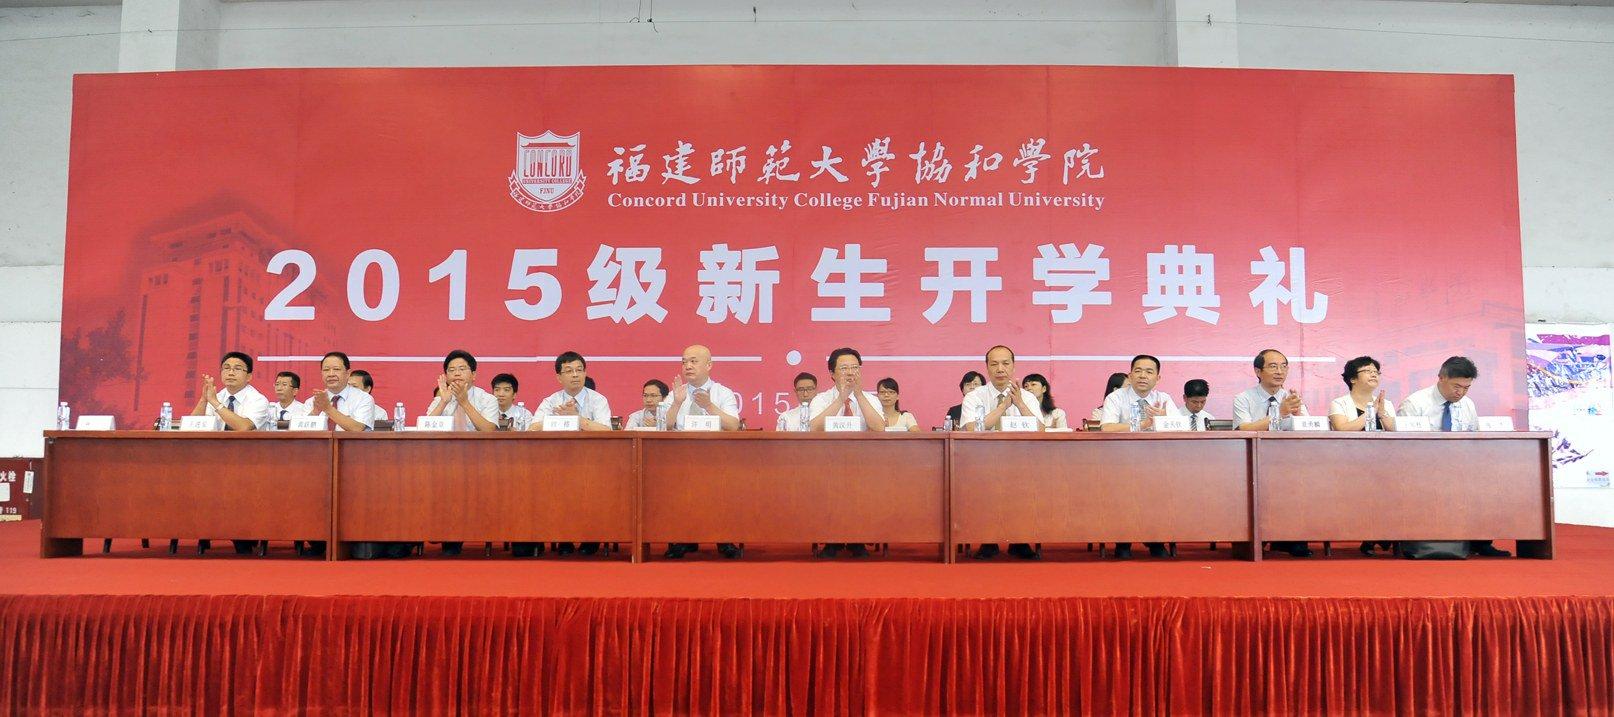 学院 2015 级新生开学典礼隆重举行